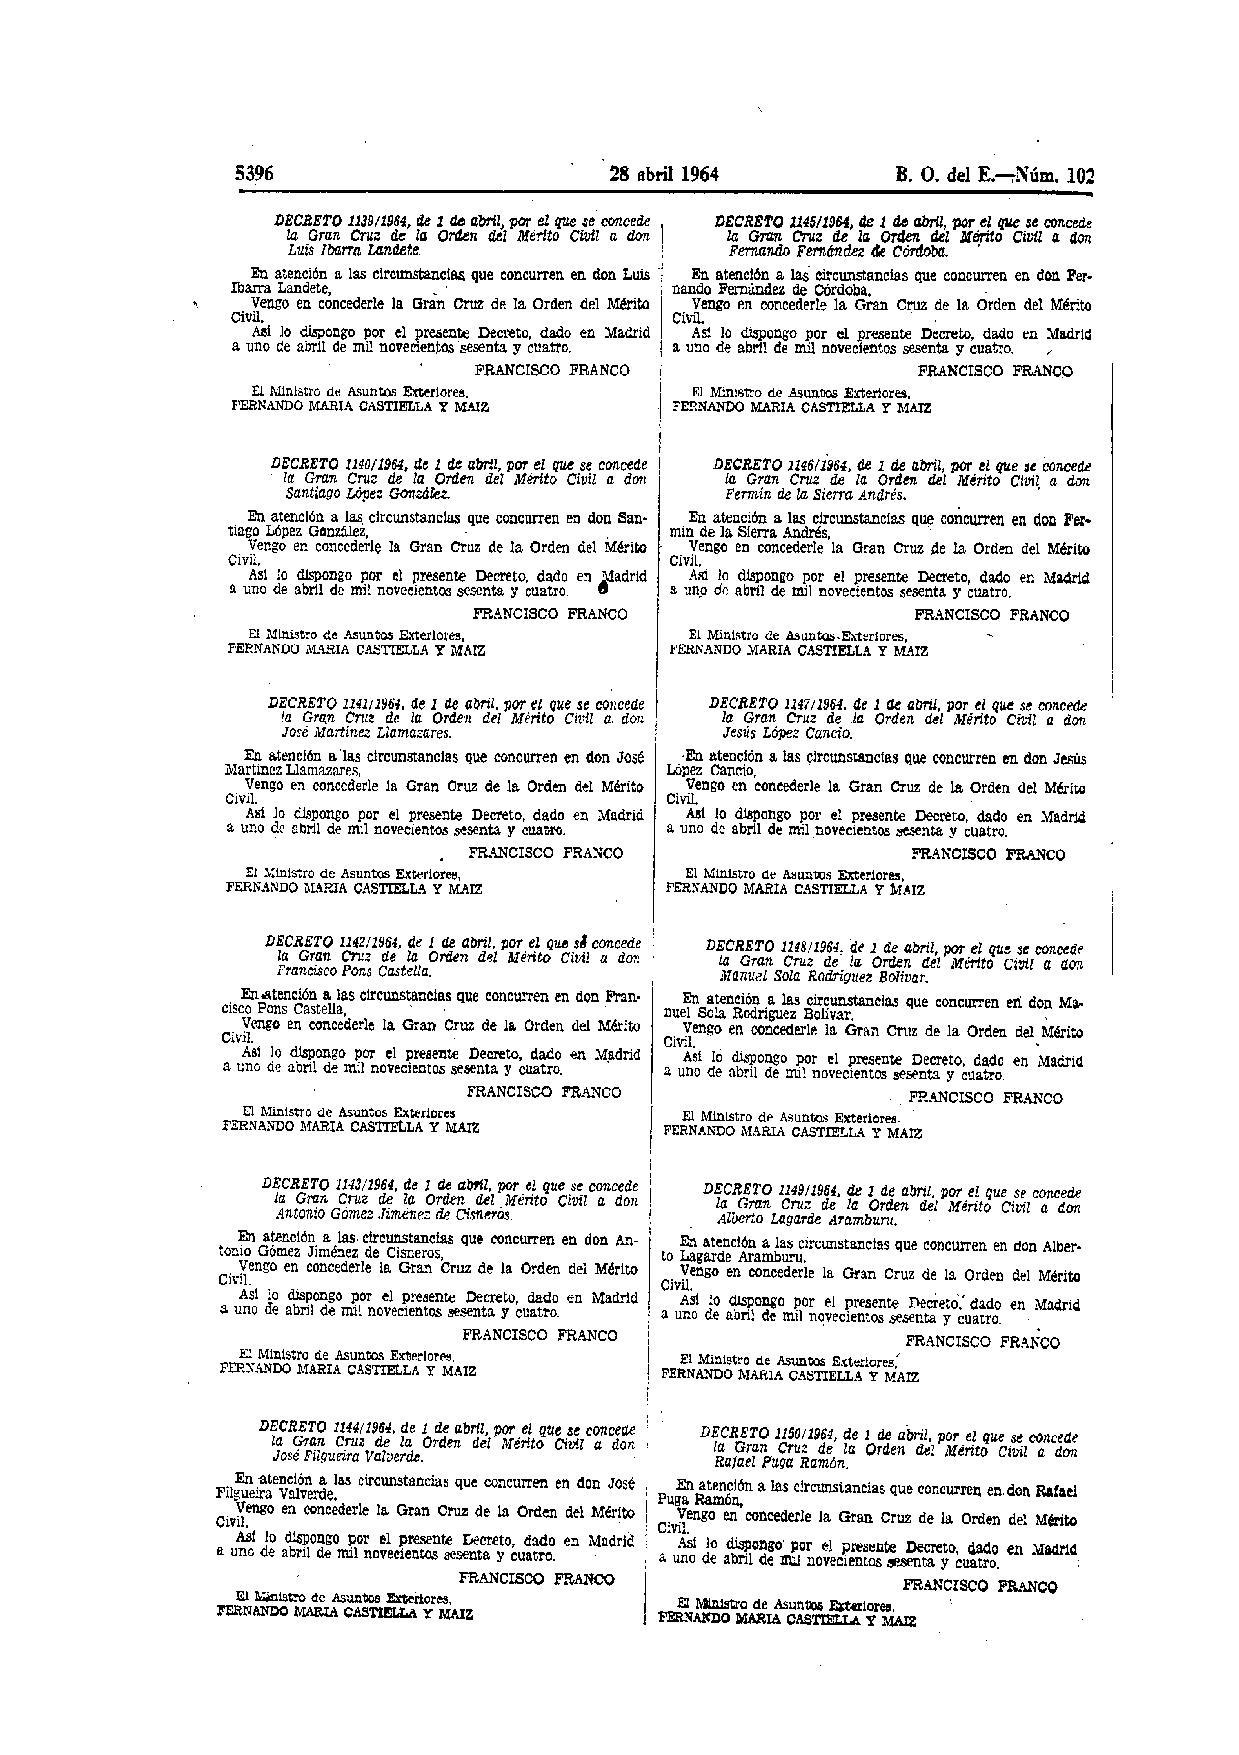 disposiciones legales de la letra: